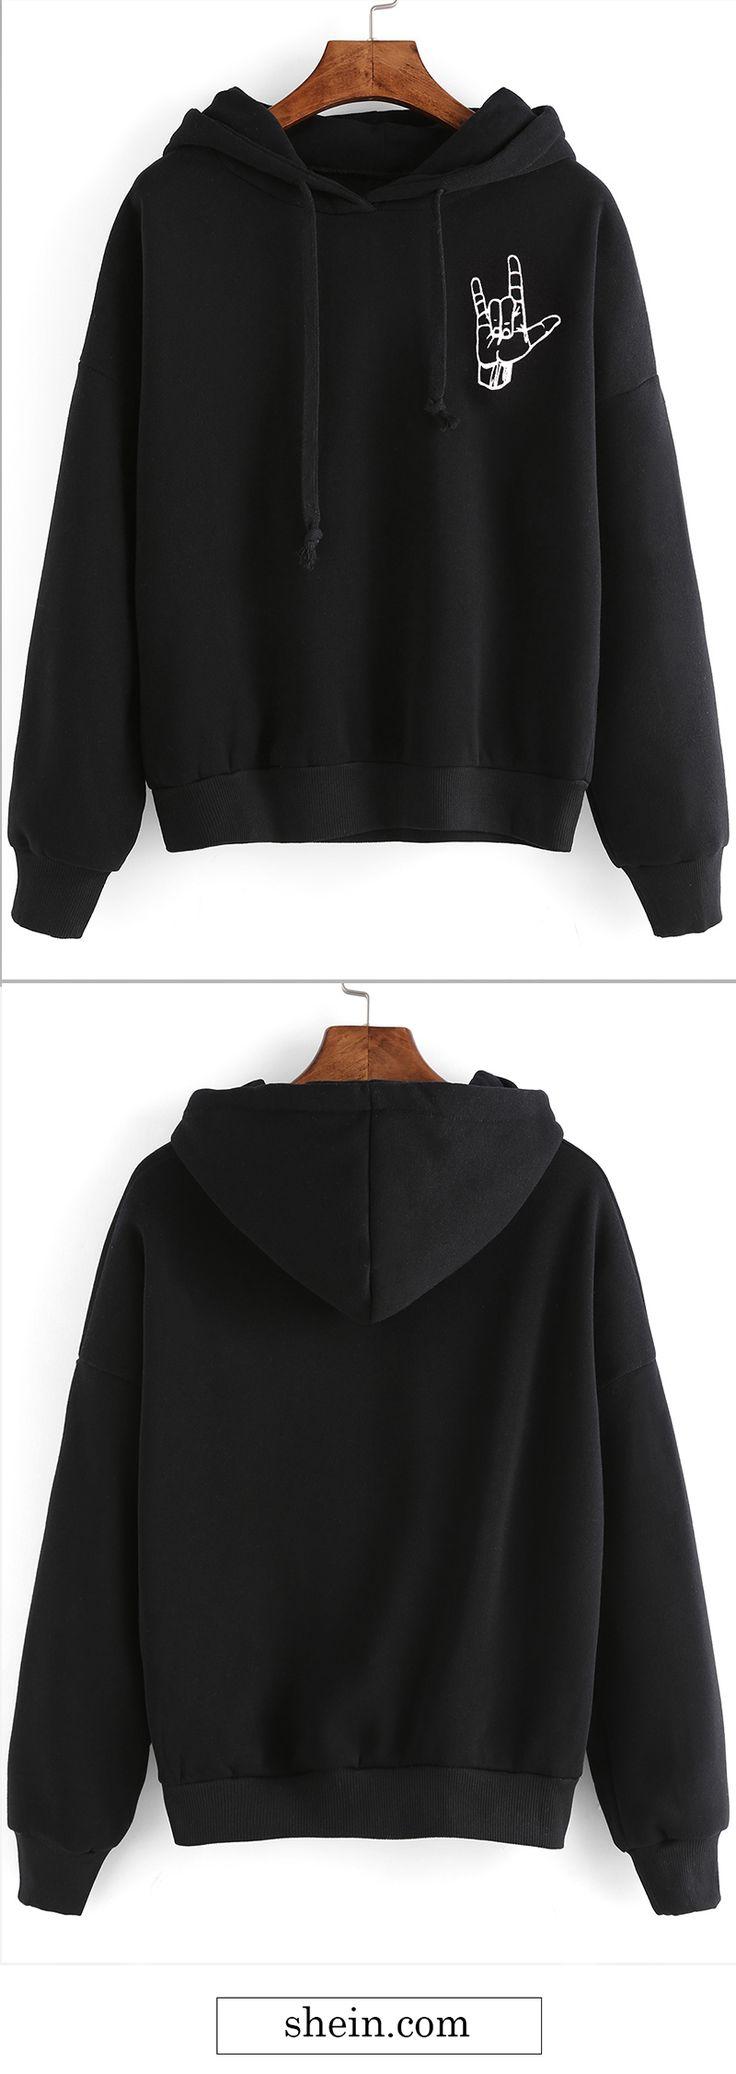 Black gesture print drop shoulder hooded sweatshirt